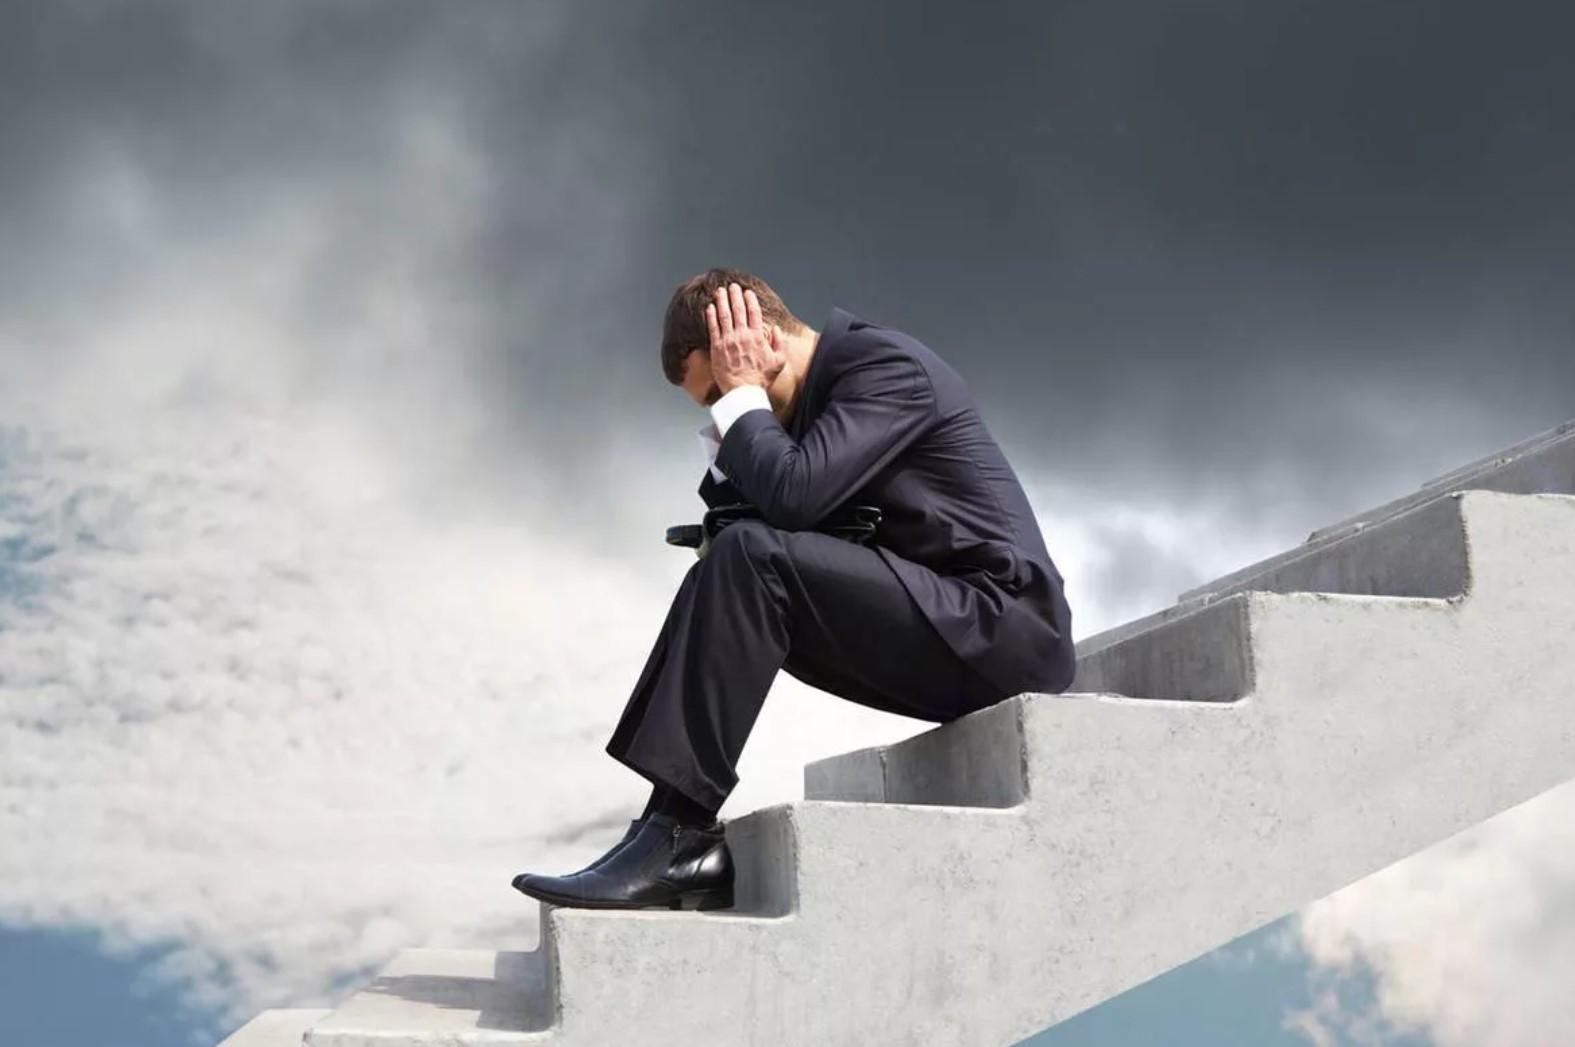 Какую пользу можно извлечь из неудачи?